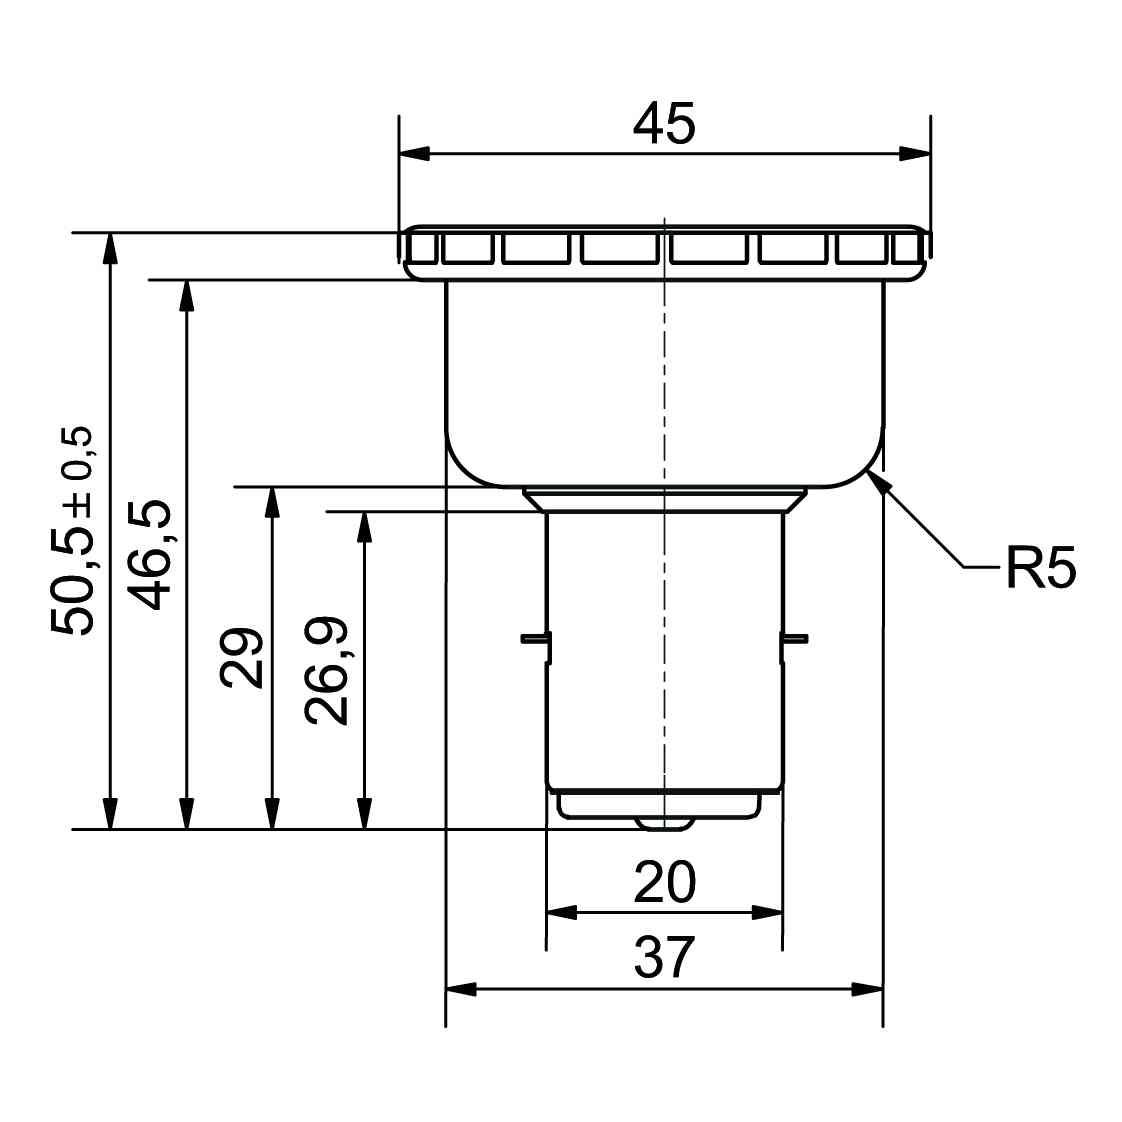 LED-Signallampe Sockel BA20d - plan